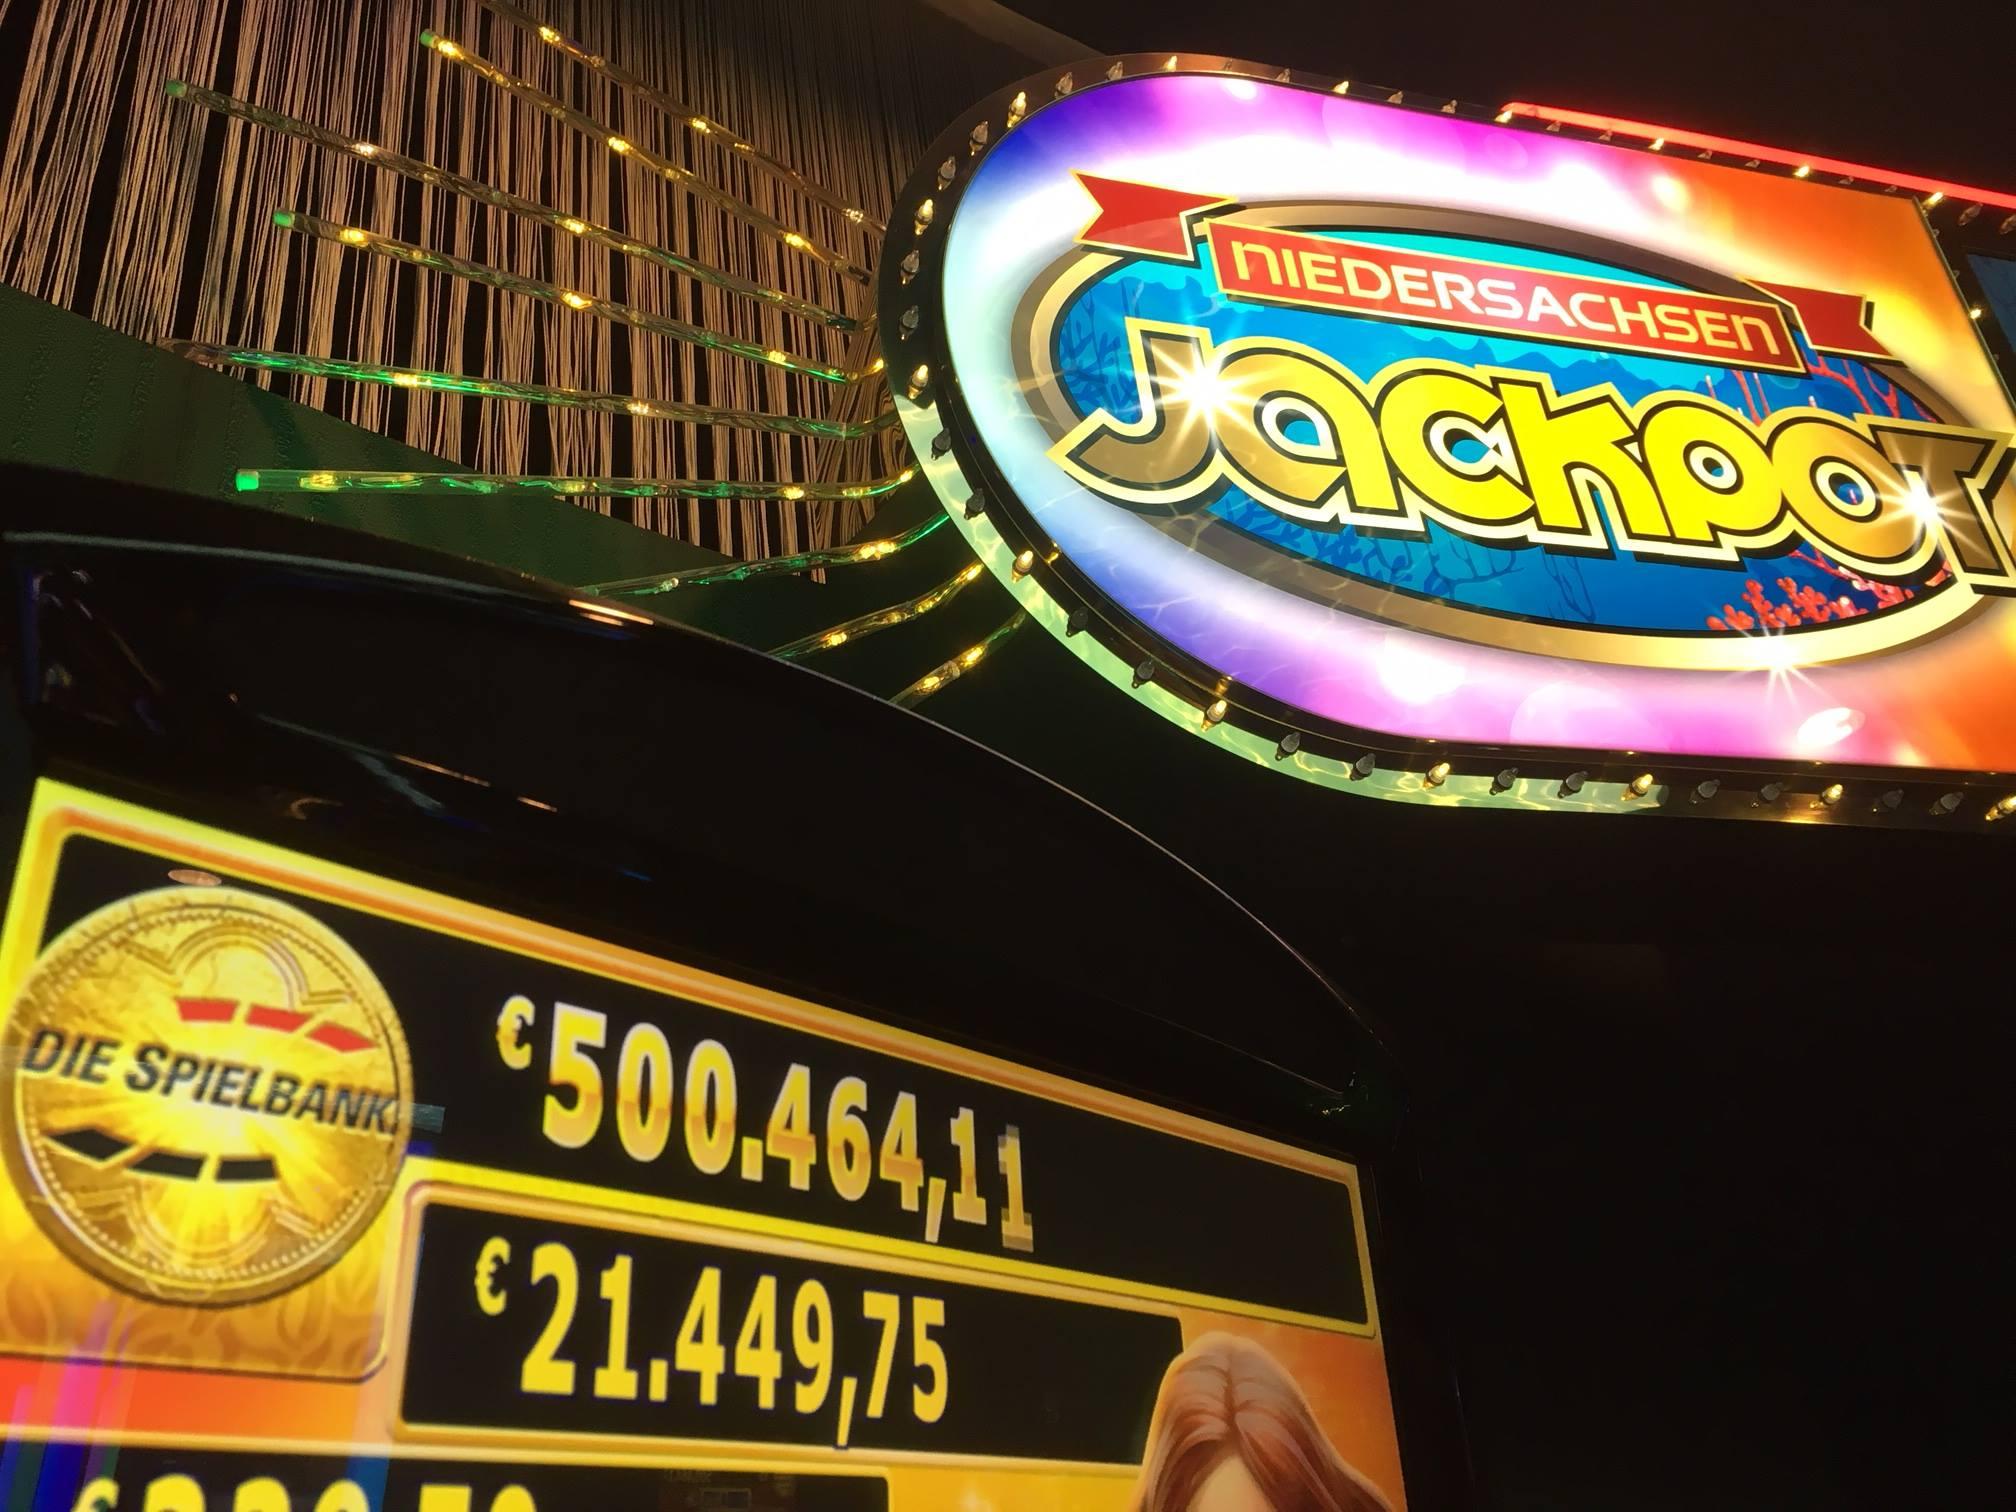 Spielbanken Deutschland Slots - 80639